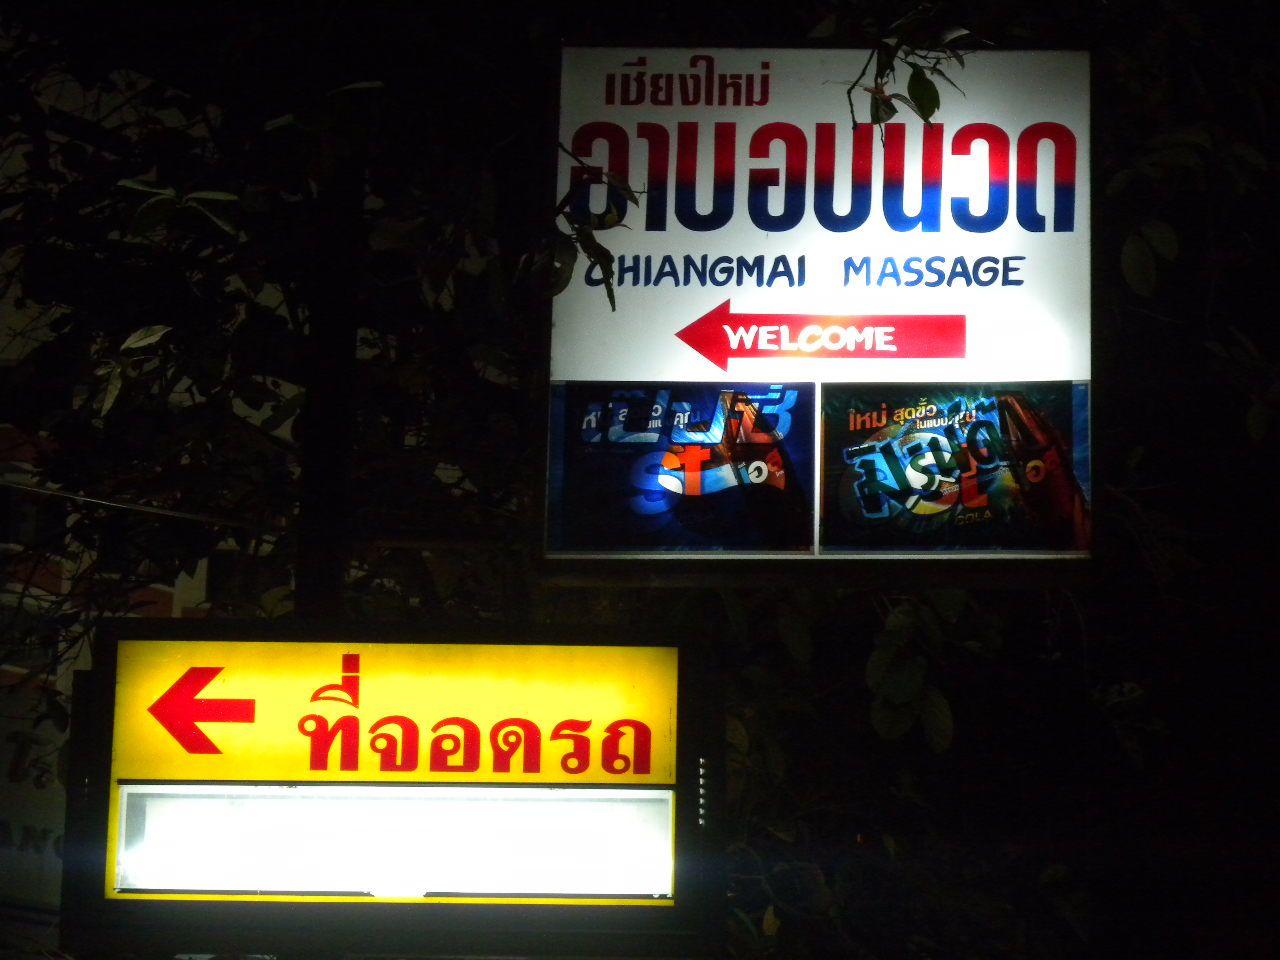 Chiang Mai Massage Parlour